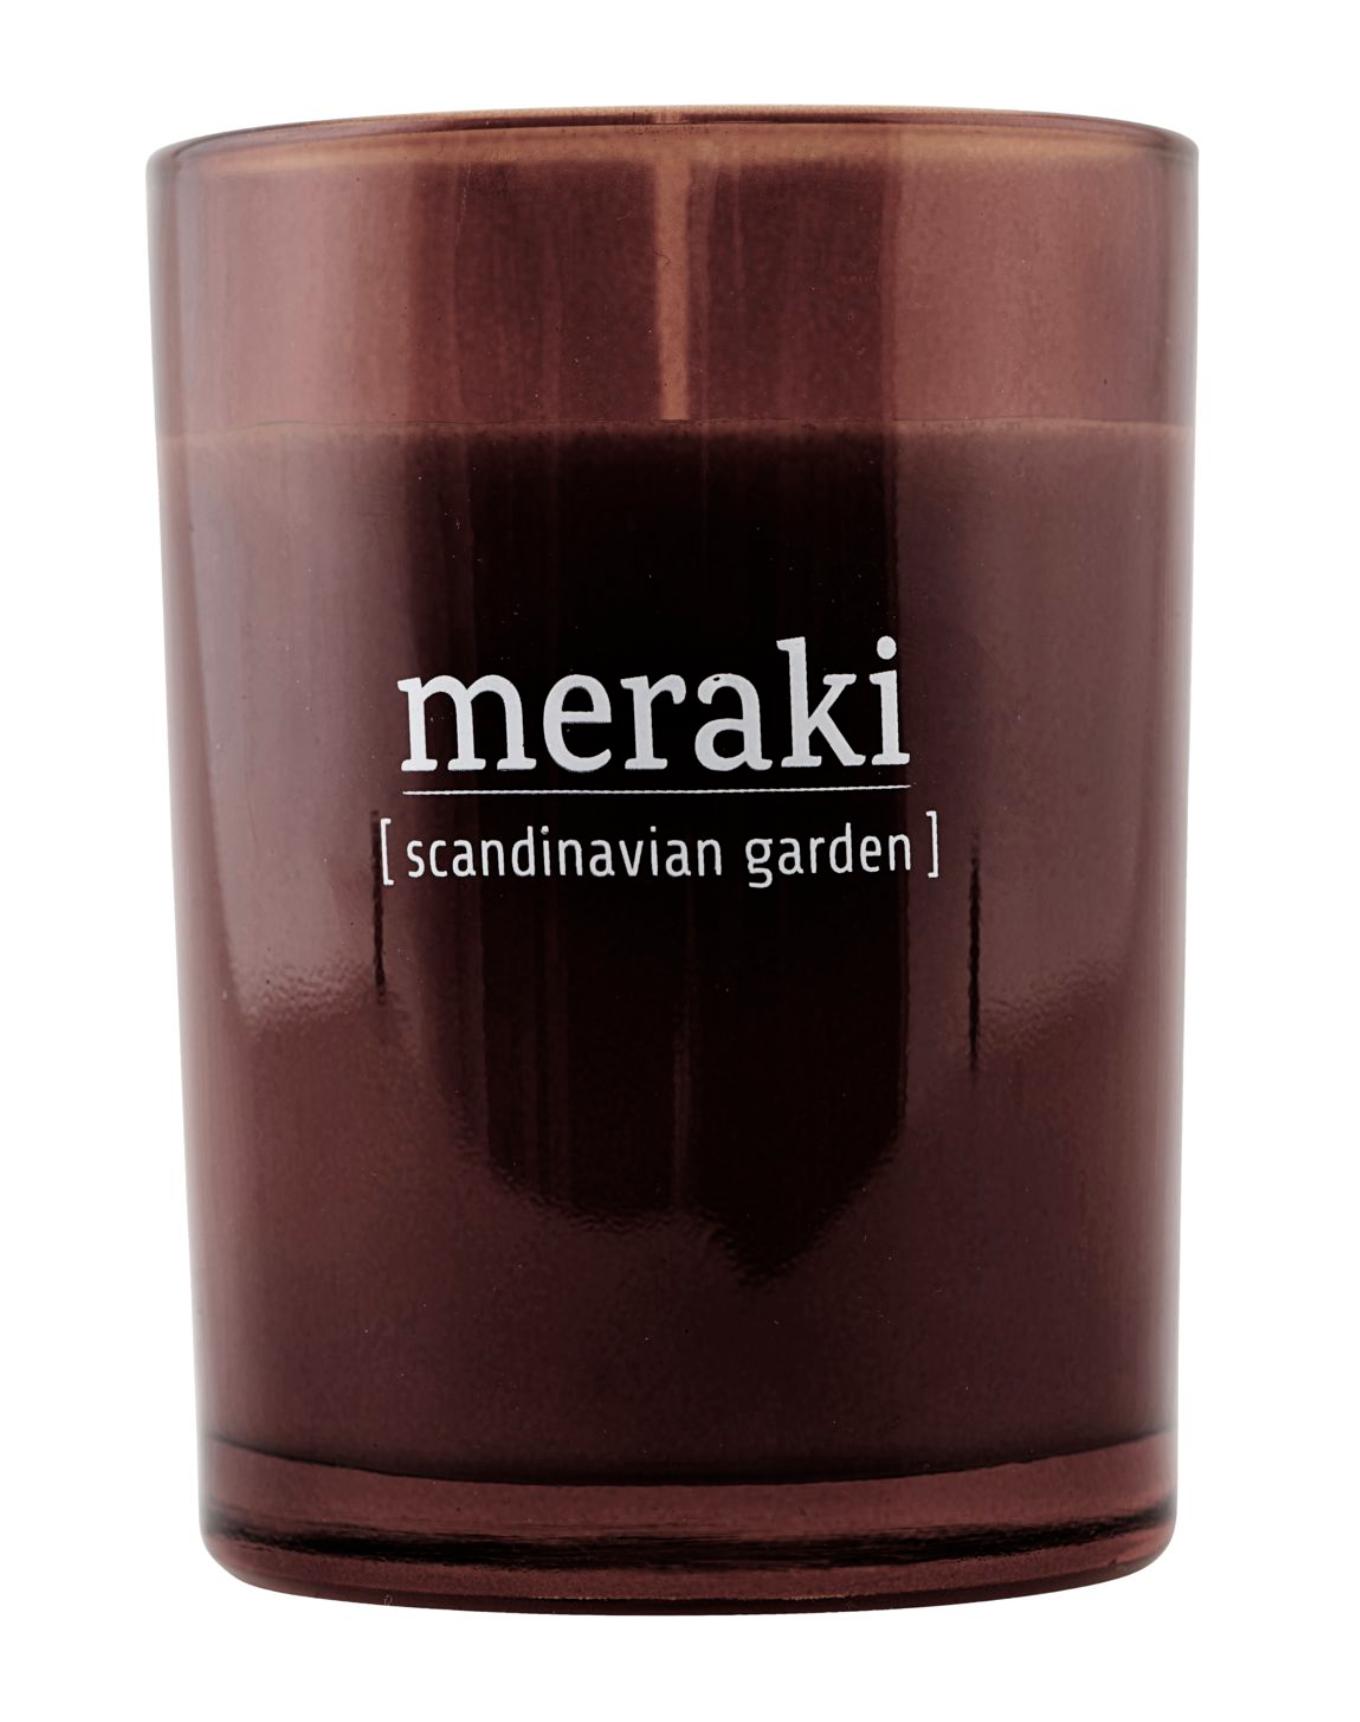 Geurkaars Scandinavian Garden - Meraki-1